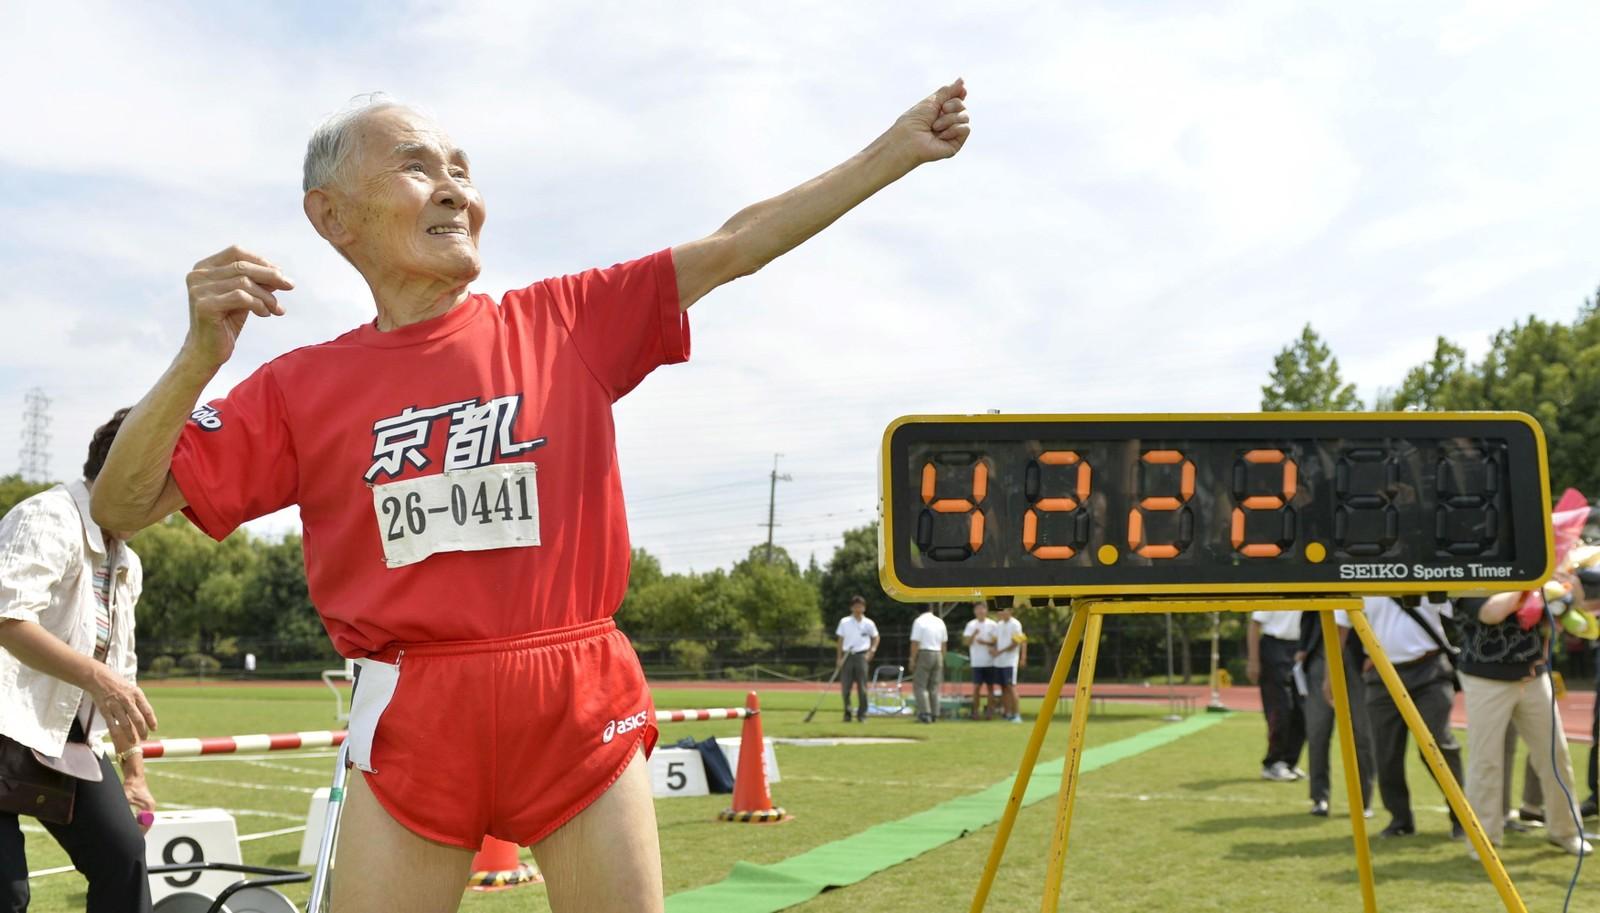 105 år gamle Hidekichi Miyazaki poserer som Jamaicas Usain Bolt. Denne uken satte han rekord som verdens eldste aktive sprinter med sin 100-meter på 42.22.